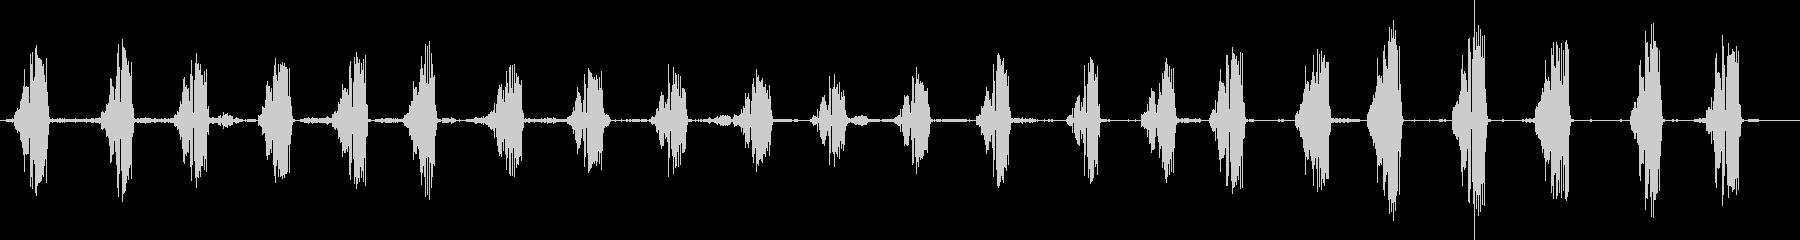 レン、ハウスチャープ、ミュージカル...の未再生の波形